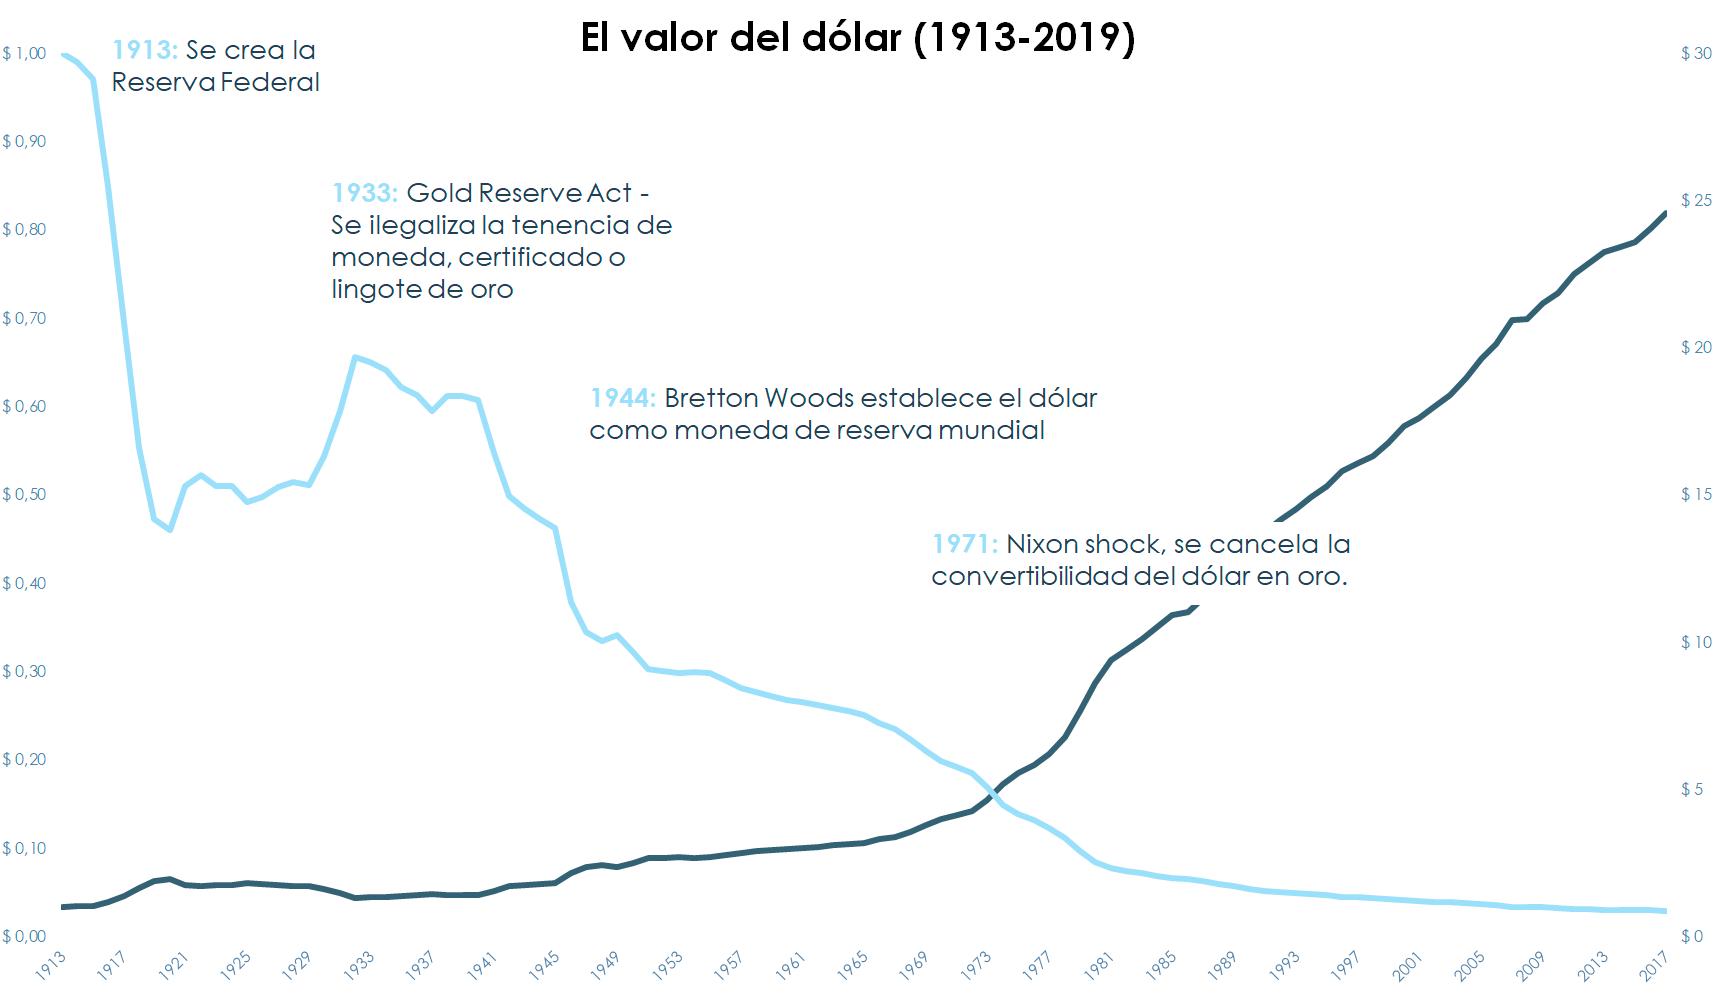 Gráfico evolución valor del dólar